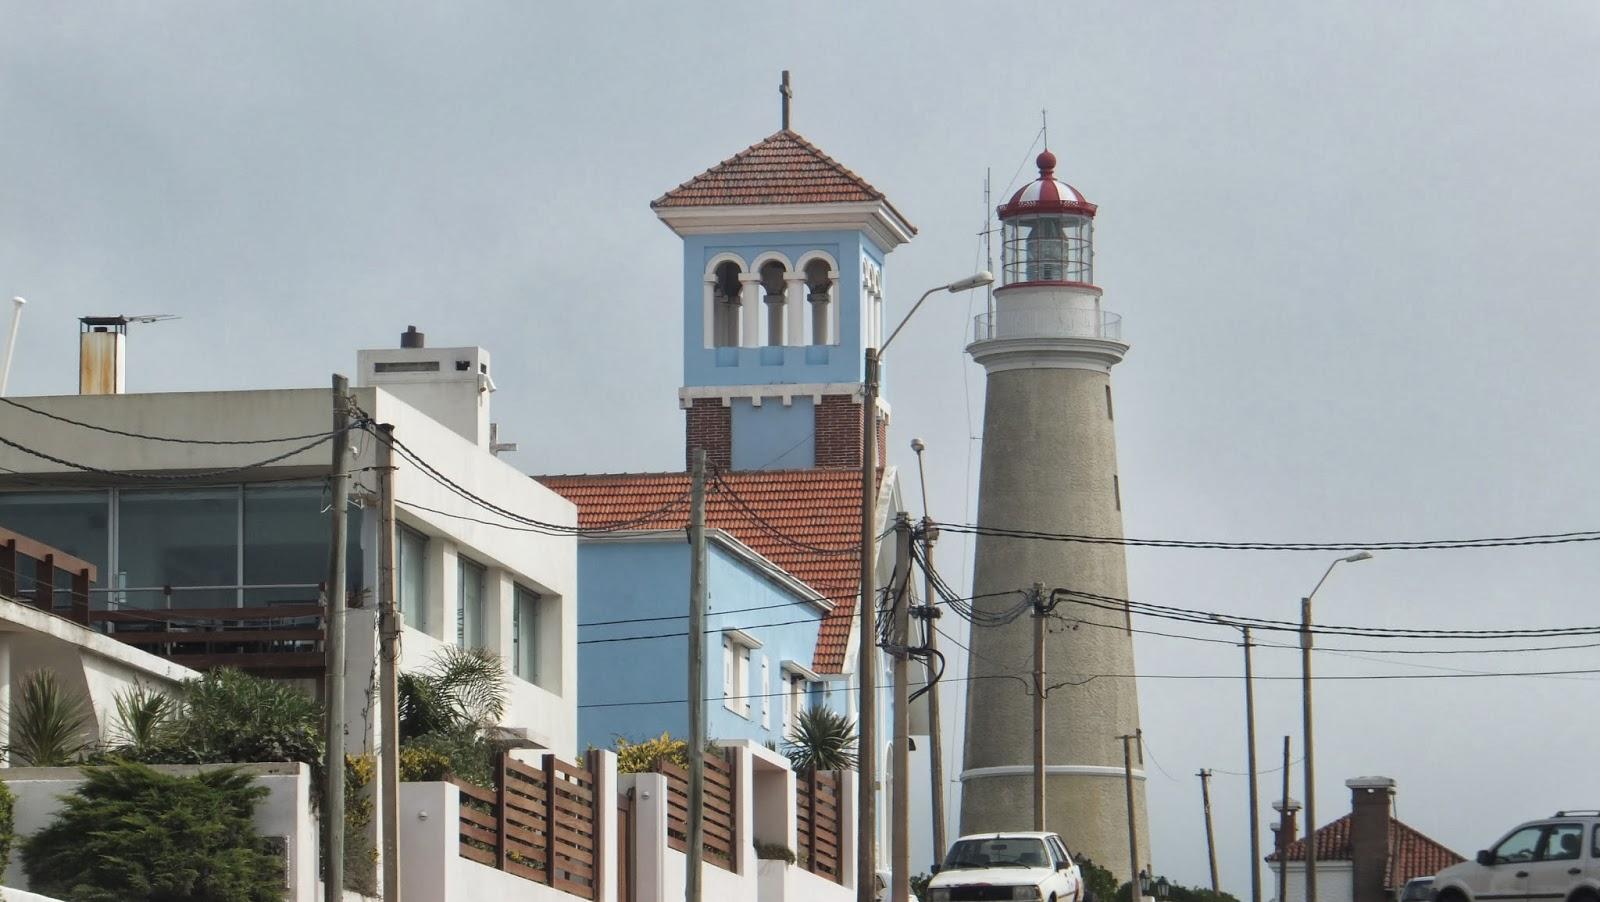 Faro de Punta del Este, Uruguay, Elisa N, Blog de Viajes, Lifestyle, Travel